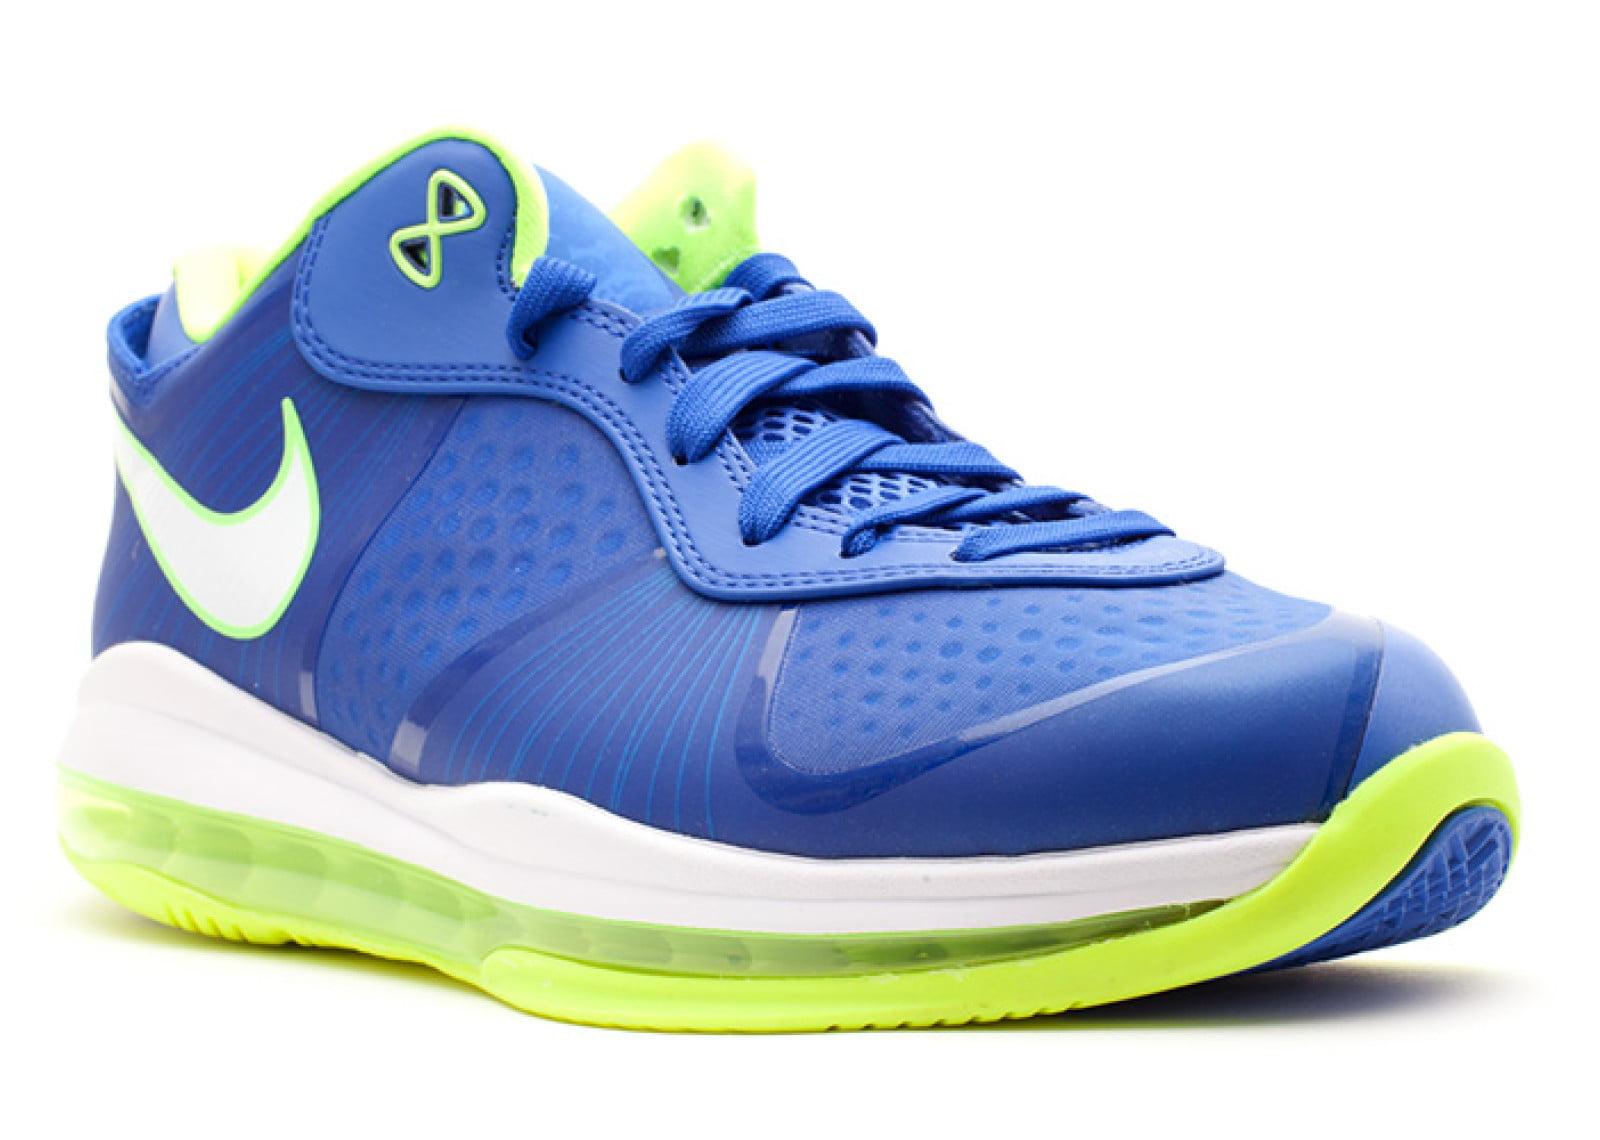 7b673557e40 Nike - Men - Lebron 8 V 2 Low  Sprite  - 456849-401 - Size 12